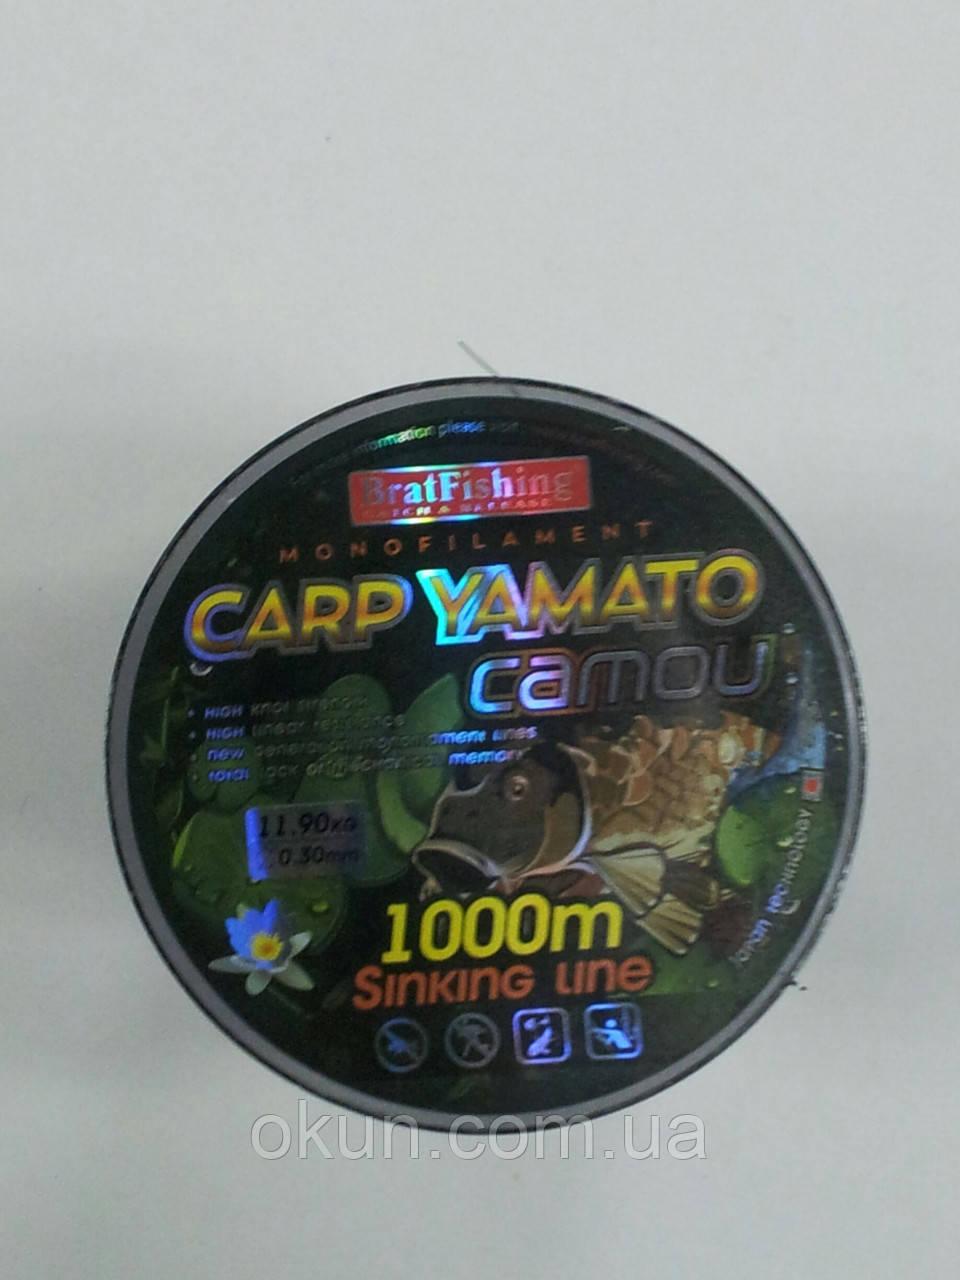 Леска CARP YAMATO - CAMOU 1 000 m  -  ОКУНЬ ВСЕ ДЛЯ РЫБАЛКИ в Киеве